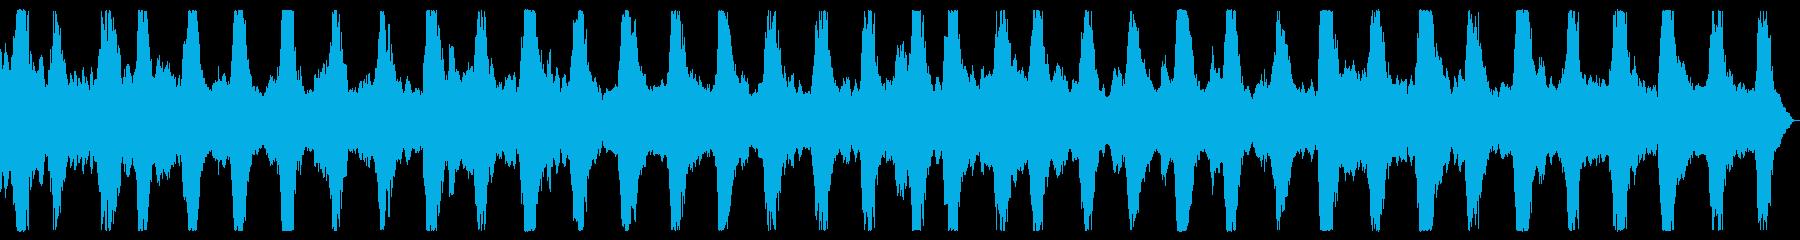 ダークアンビエント ホラーノイズBGMの再生済みの波形